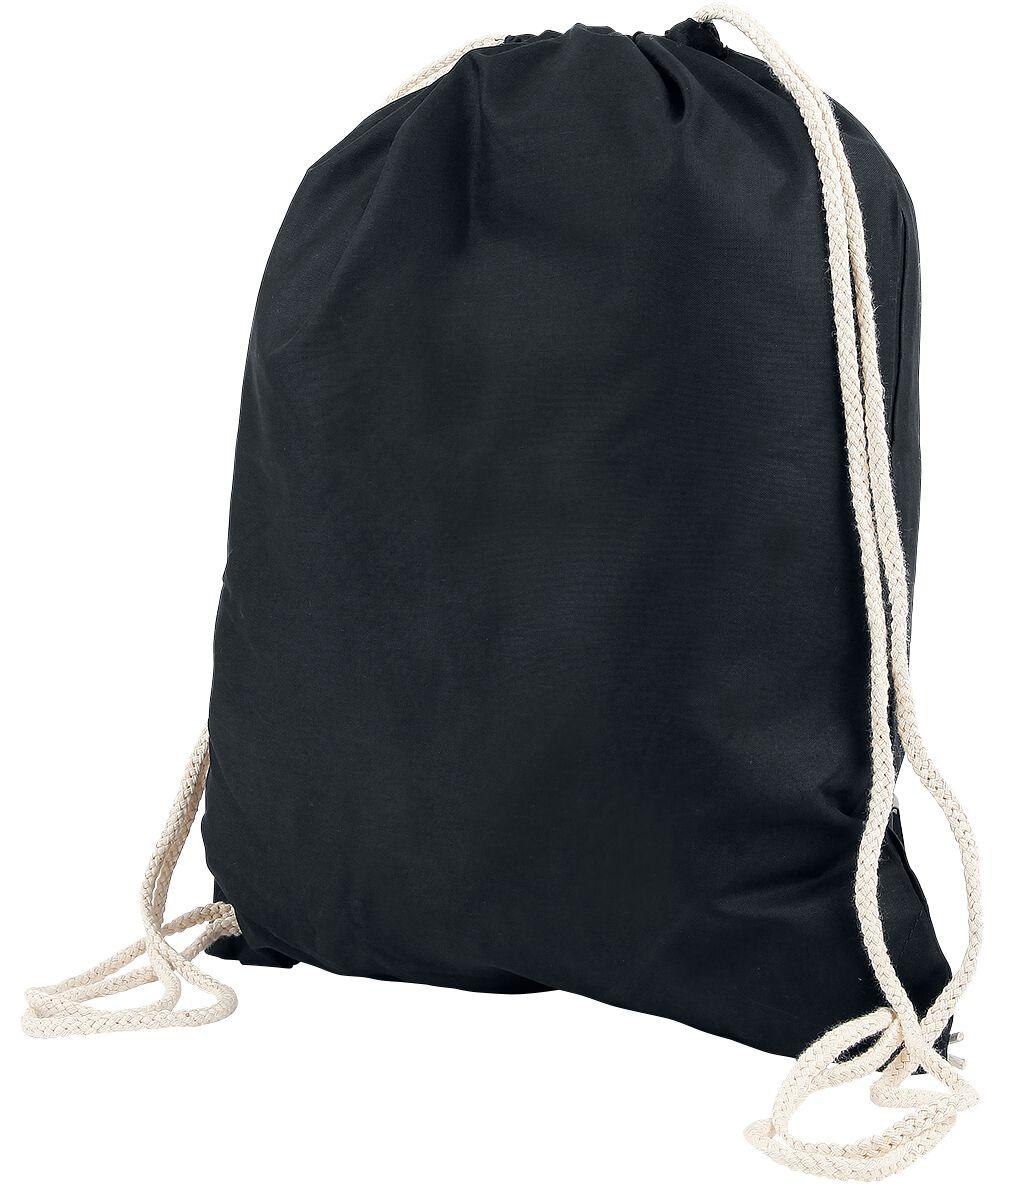 Sporttaschen - Chestnut Drawstring Backpack Turnbeutel schwarz  - Onlineshop EMP